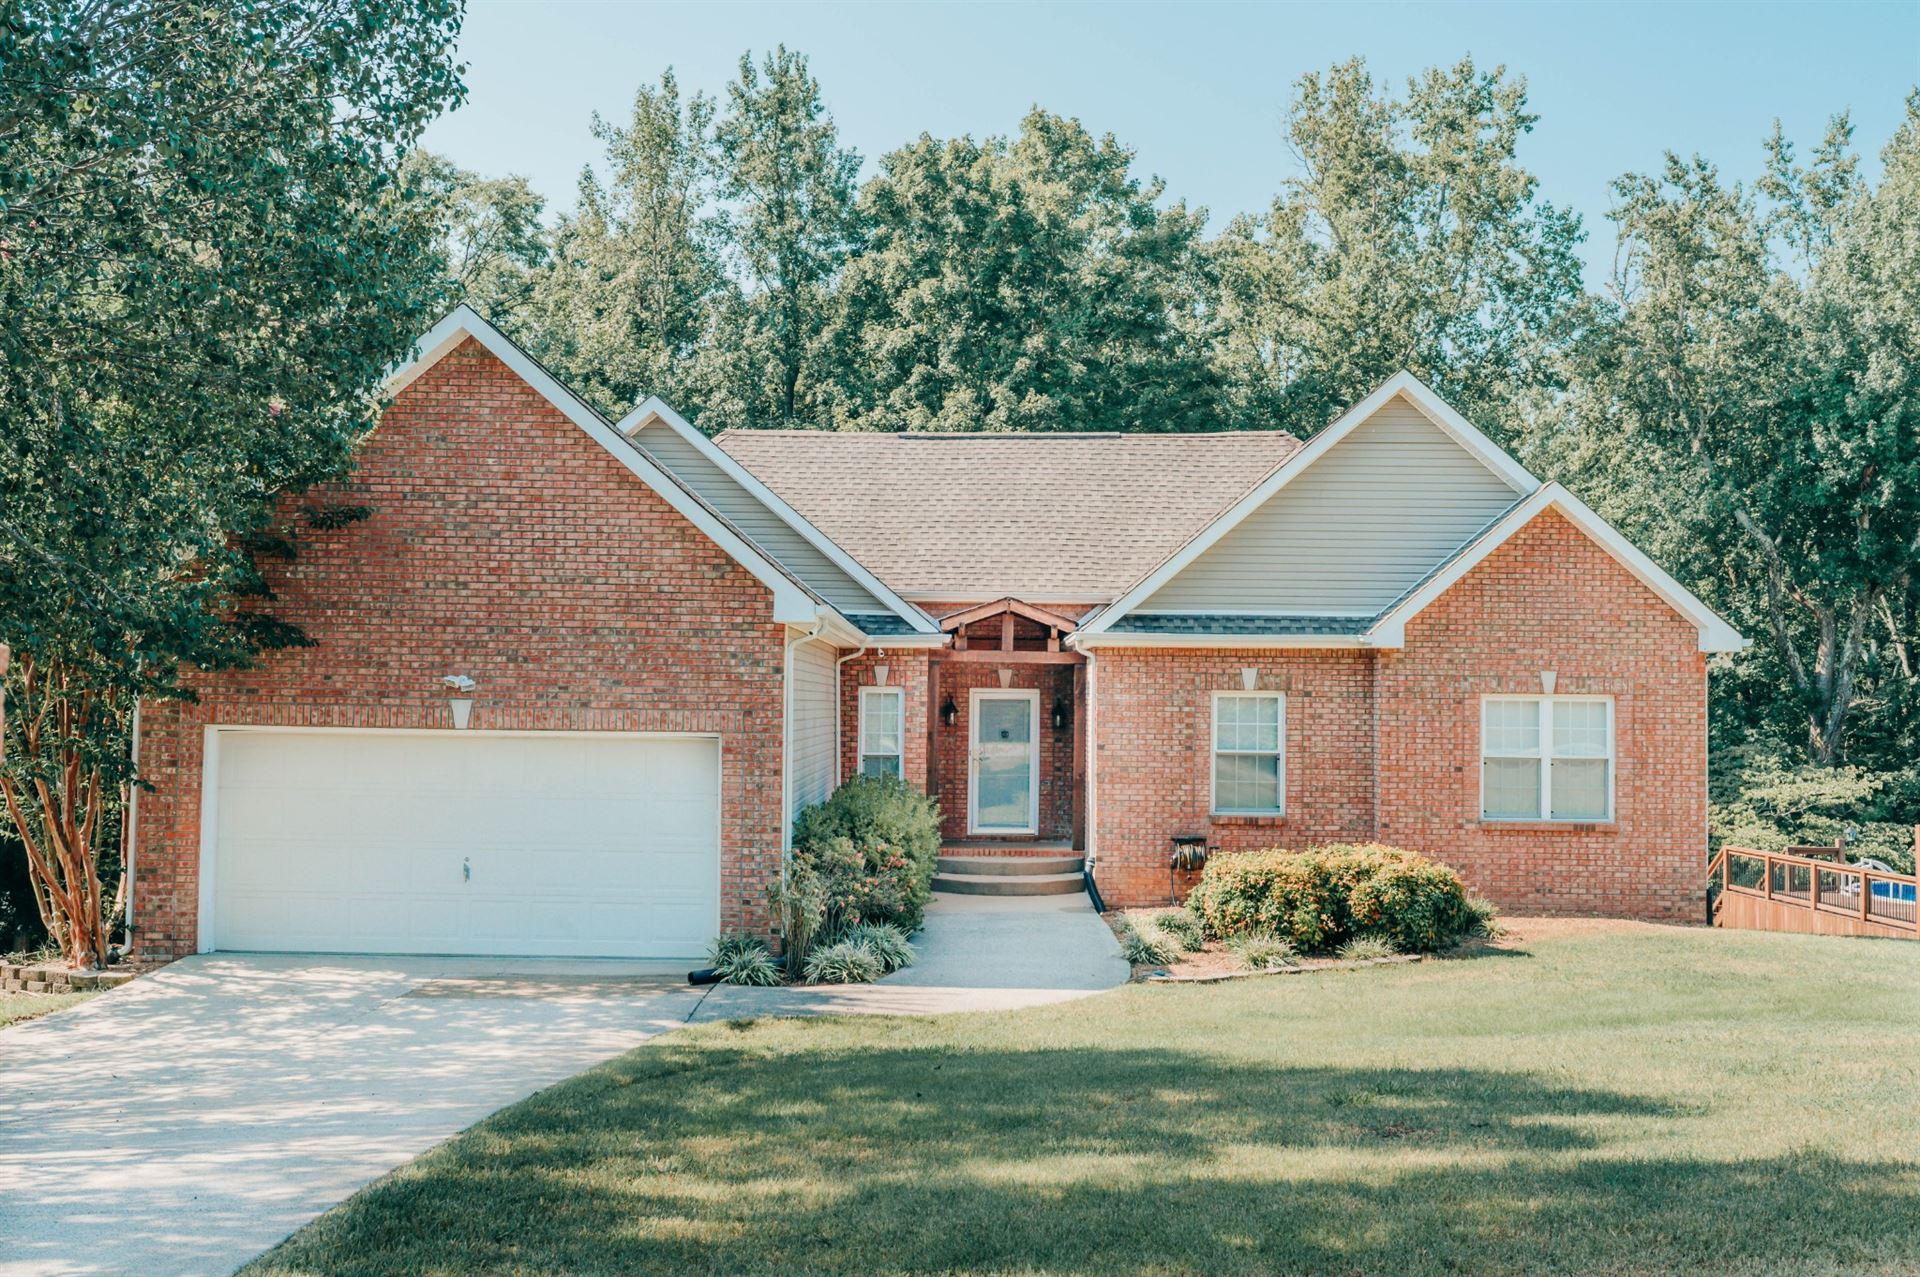 2994 Jarrell Ridge Farms Rd., Clarksville, TN 37043 - MLS#: 2285980